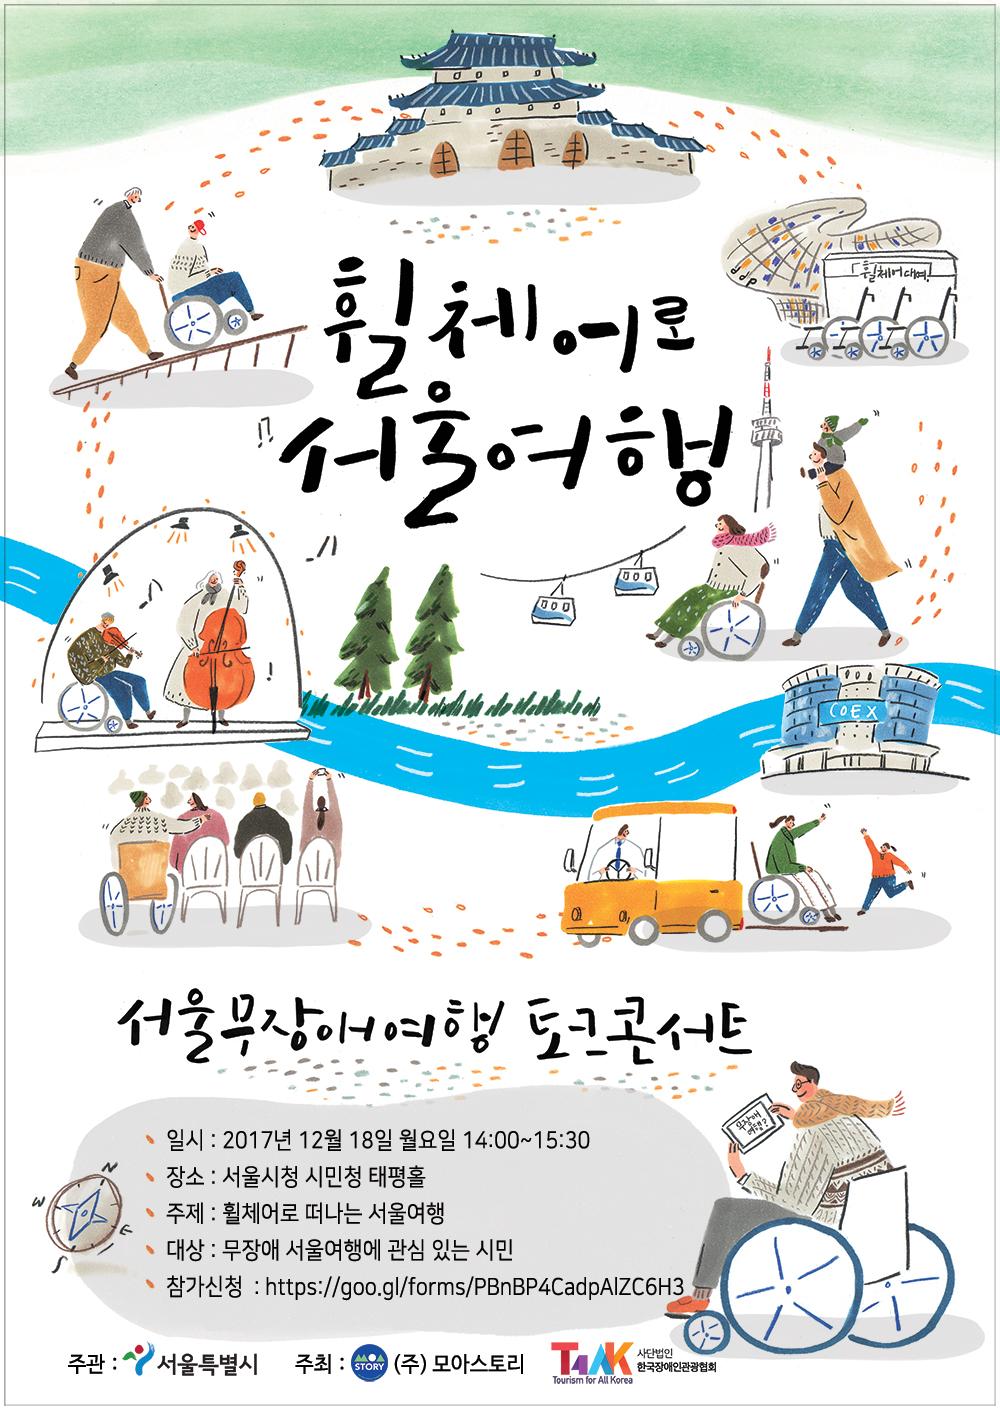 (가안) 무장애 서울여행 토크콘